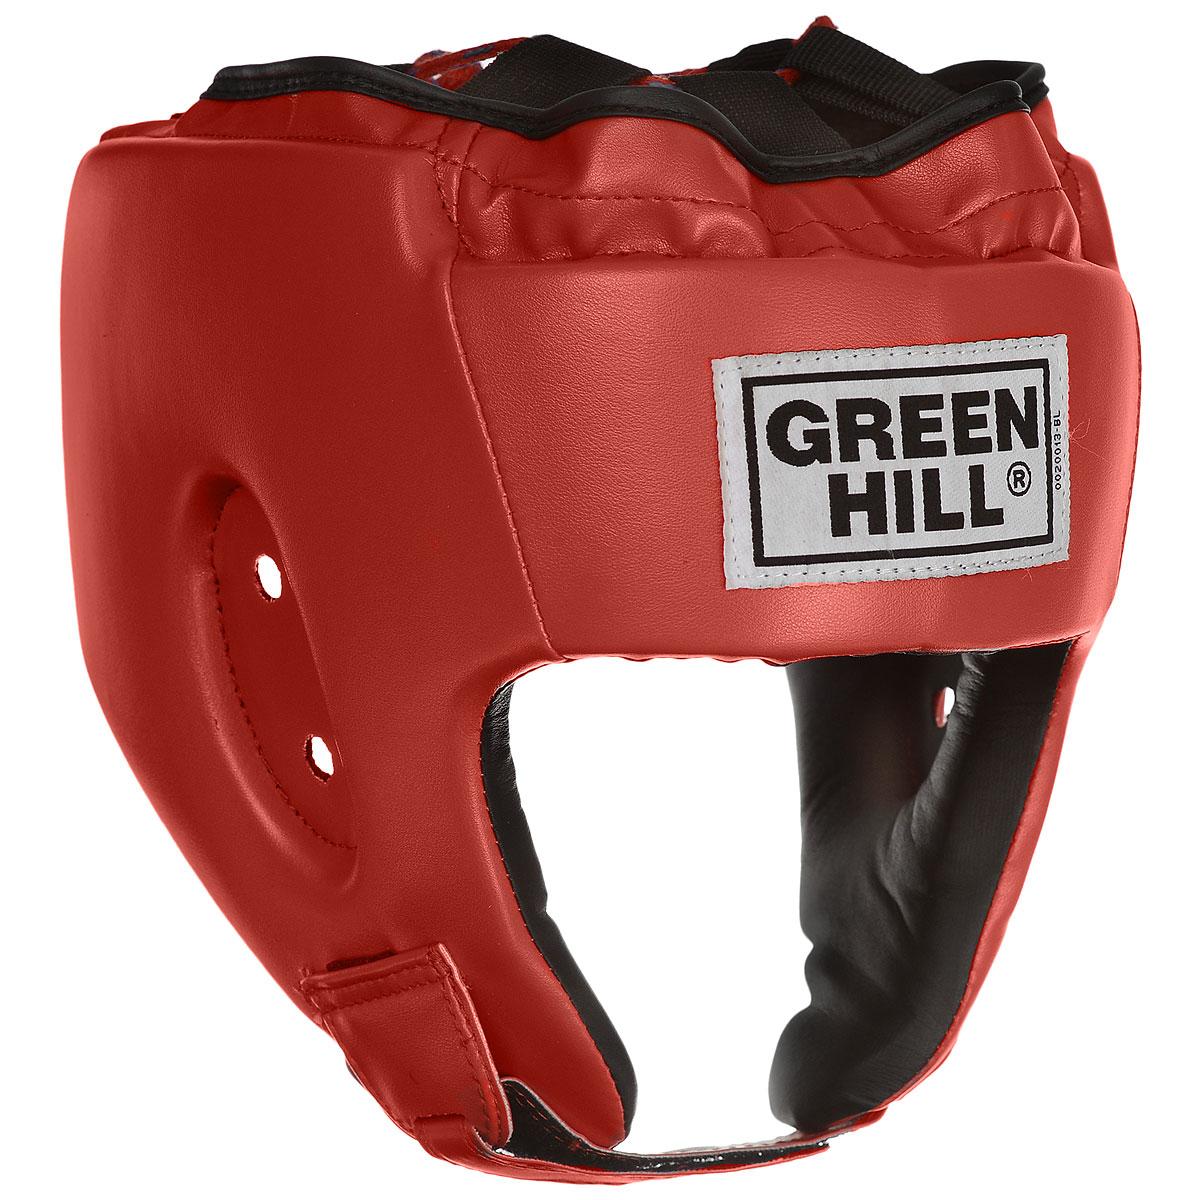 Шлем боксерский Green Hill Alfa, цвет: красный. Размер L (57-60 см)HGA-4014Боксерский шлем Green Hill Alfa предназначен для защиты головы от повреждений во время занятий боксом и кикбоксингом. Подходит как для тренировок, так и для соревнований. Выполнен из высококачественной искусственной кожи. Шлем имеет двойную систему крепления, которая крепко удерживает его на голове: шнуровка сверху, застежка на липучке на затылке и под подбородком. Крепления регулируемые, благодаря чему шлем можно подогнать четко под свой размер. Обеспечивает достаточную защиту и обзор во время поединка.